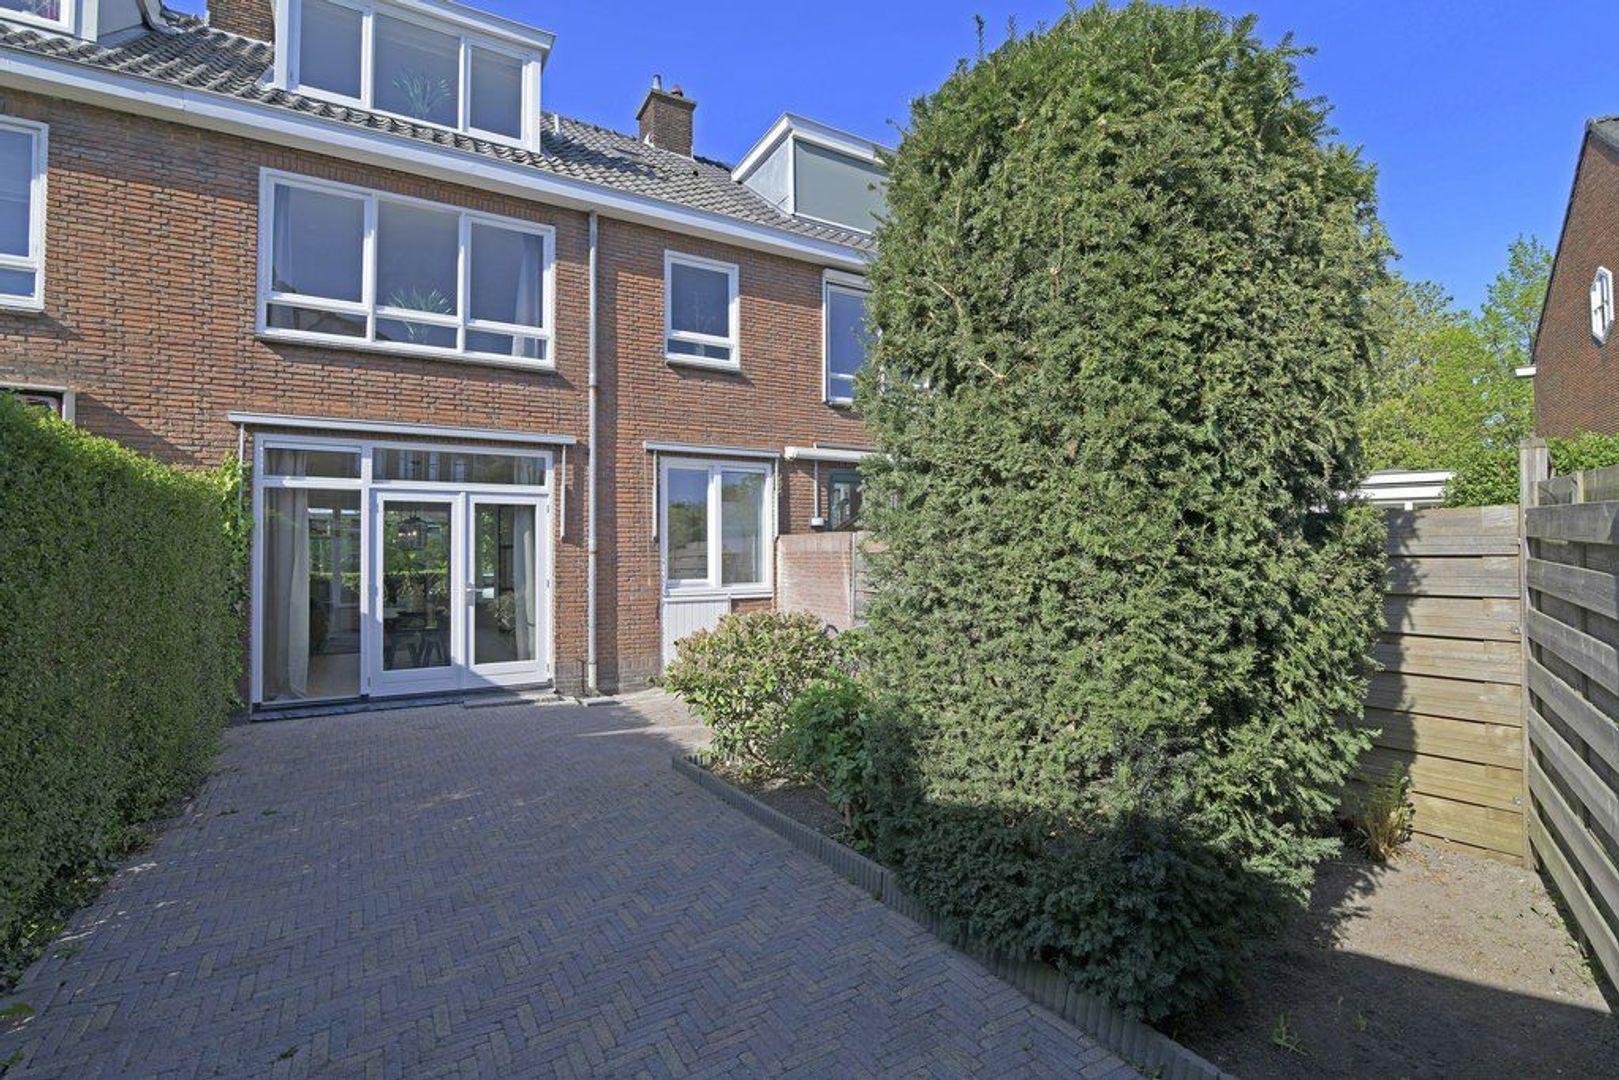 Kappeyne van de Coppellostraat 5, Delft foto-13